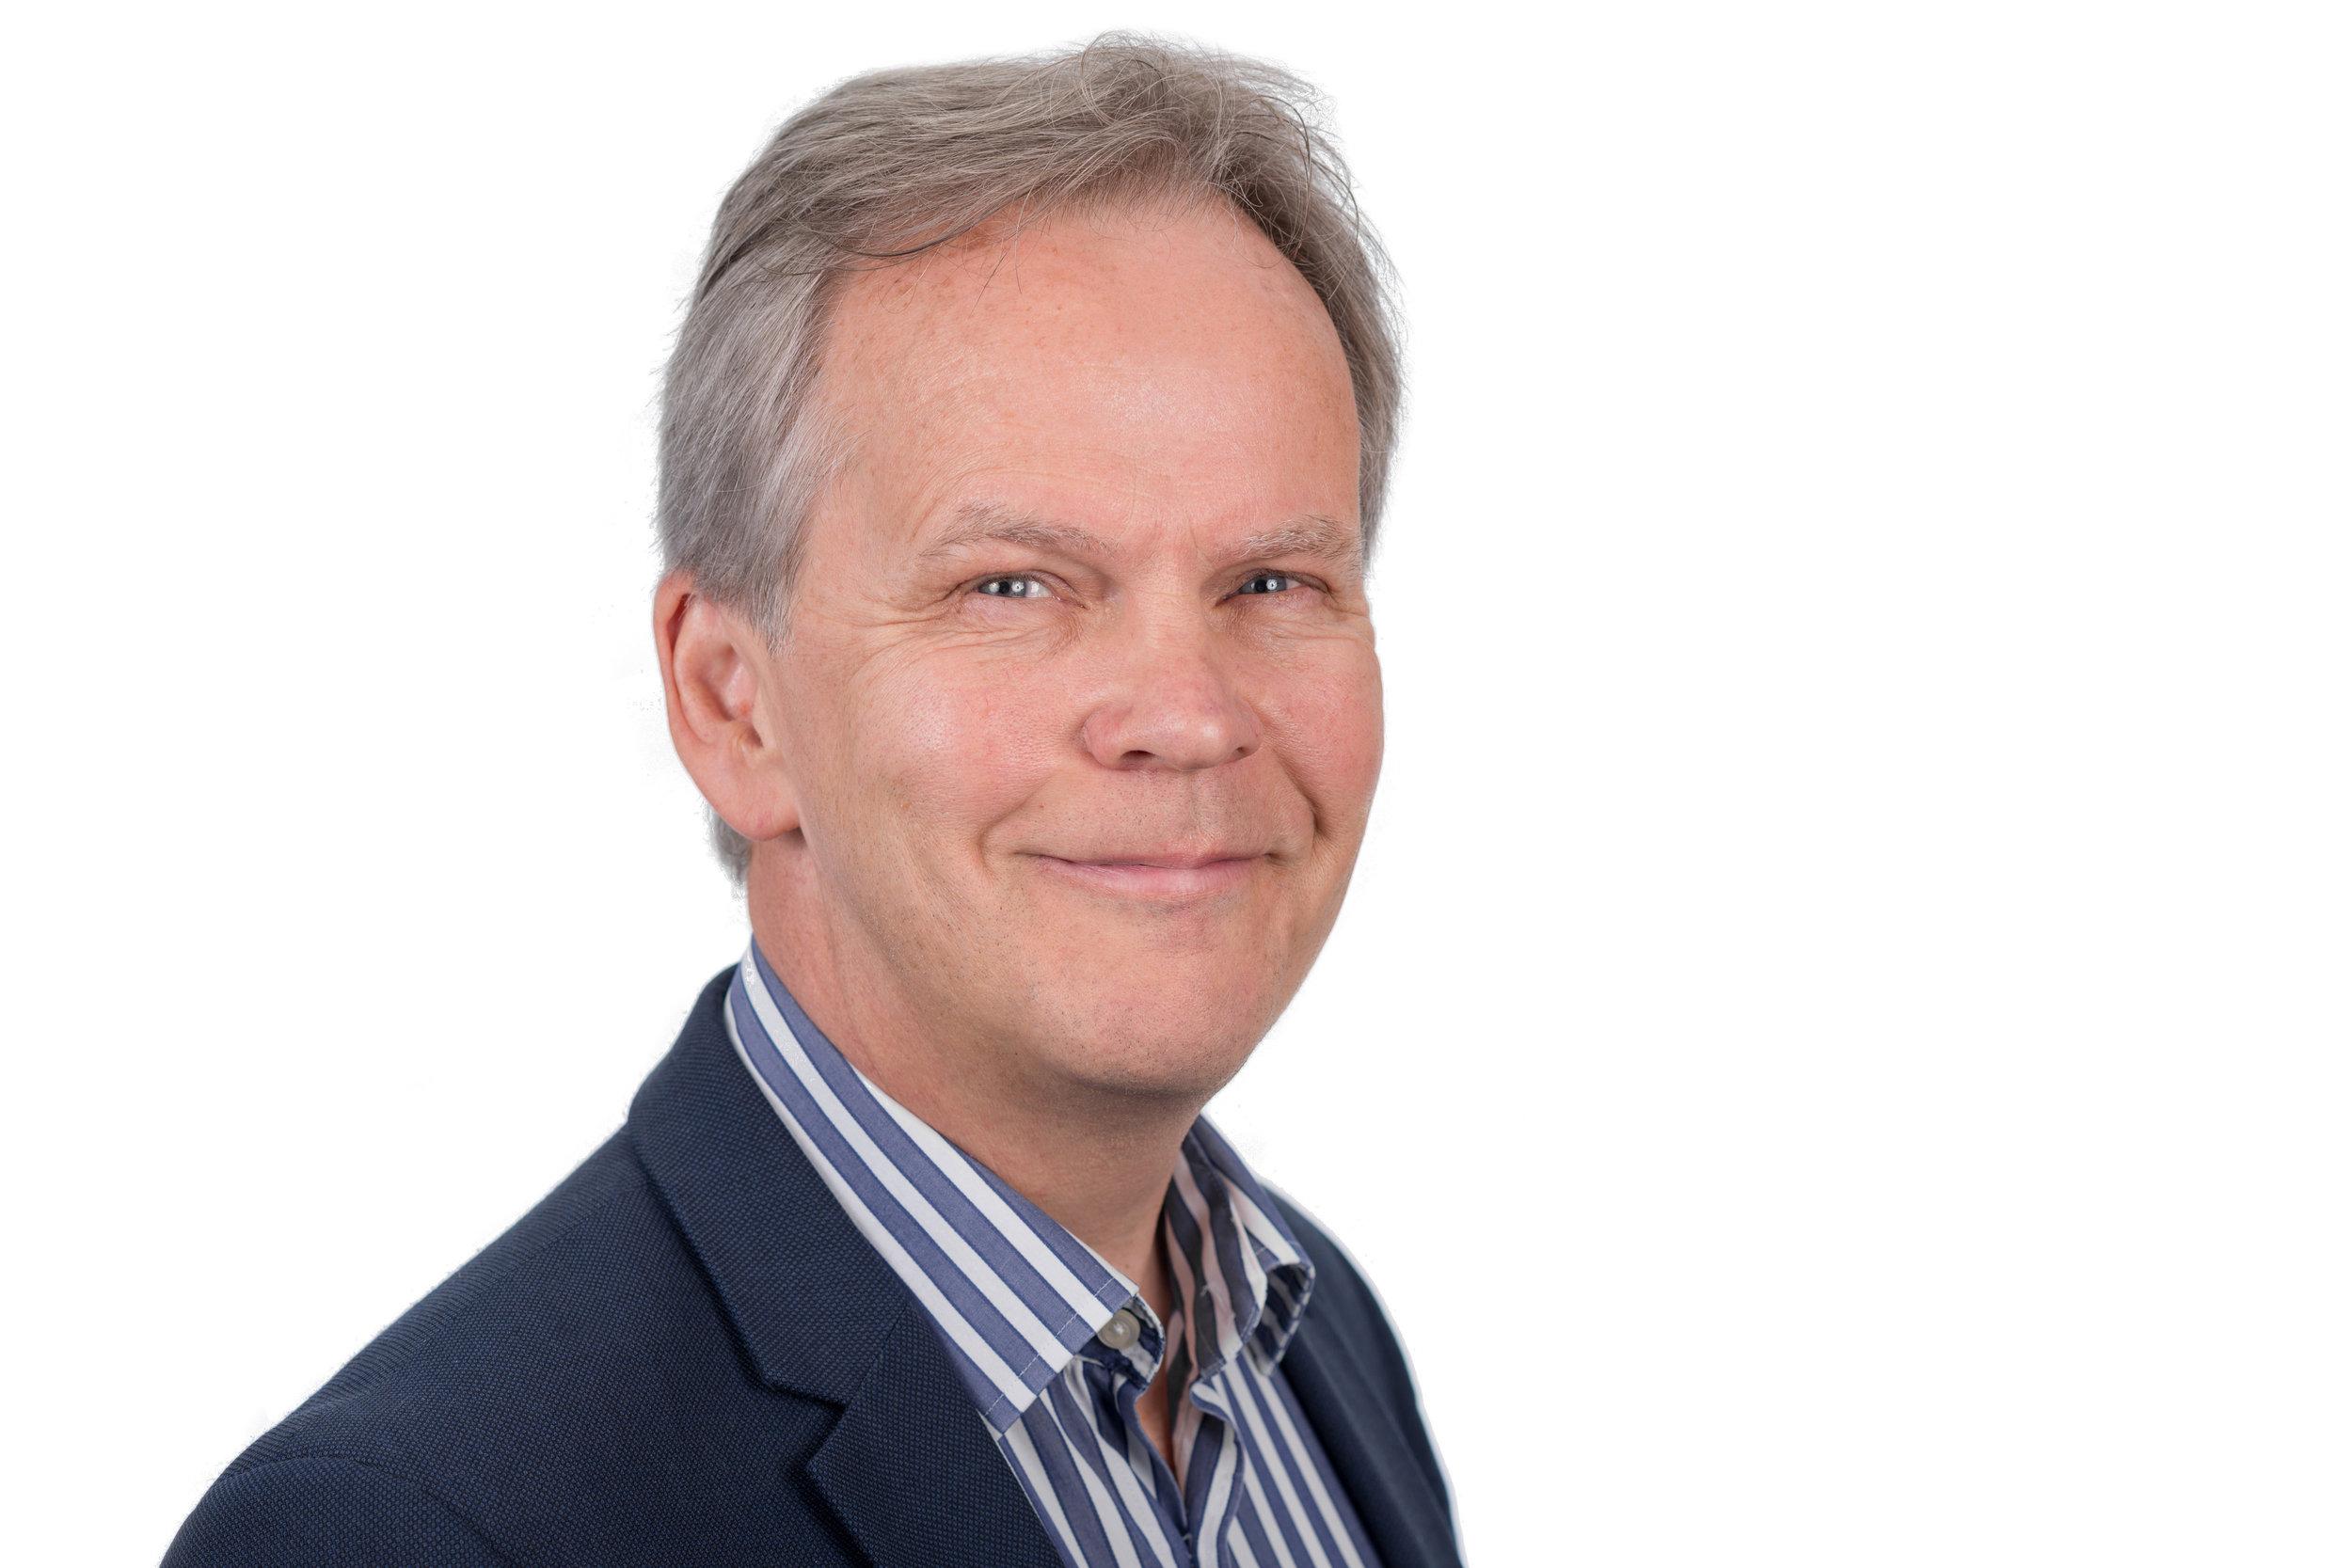 Businessman Headshot Photo Wearing blue Jacket with stripy shirt